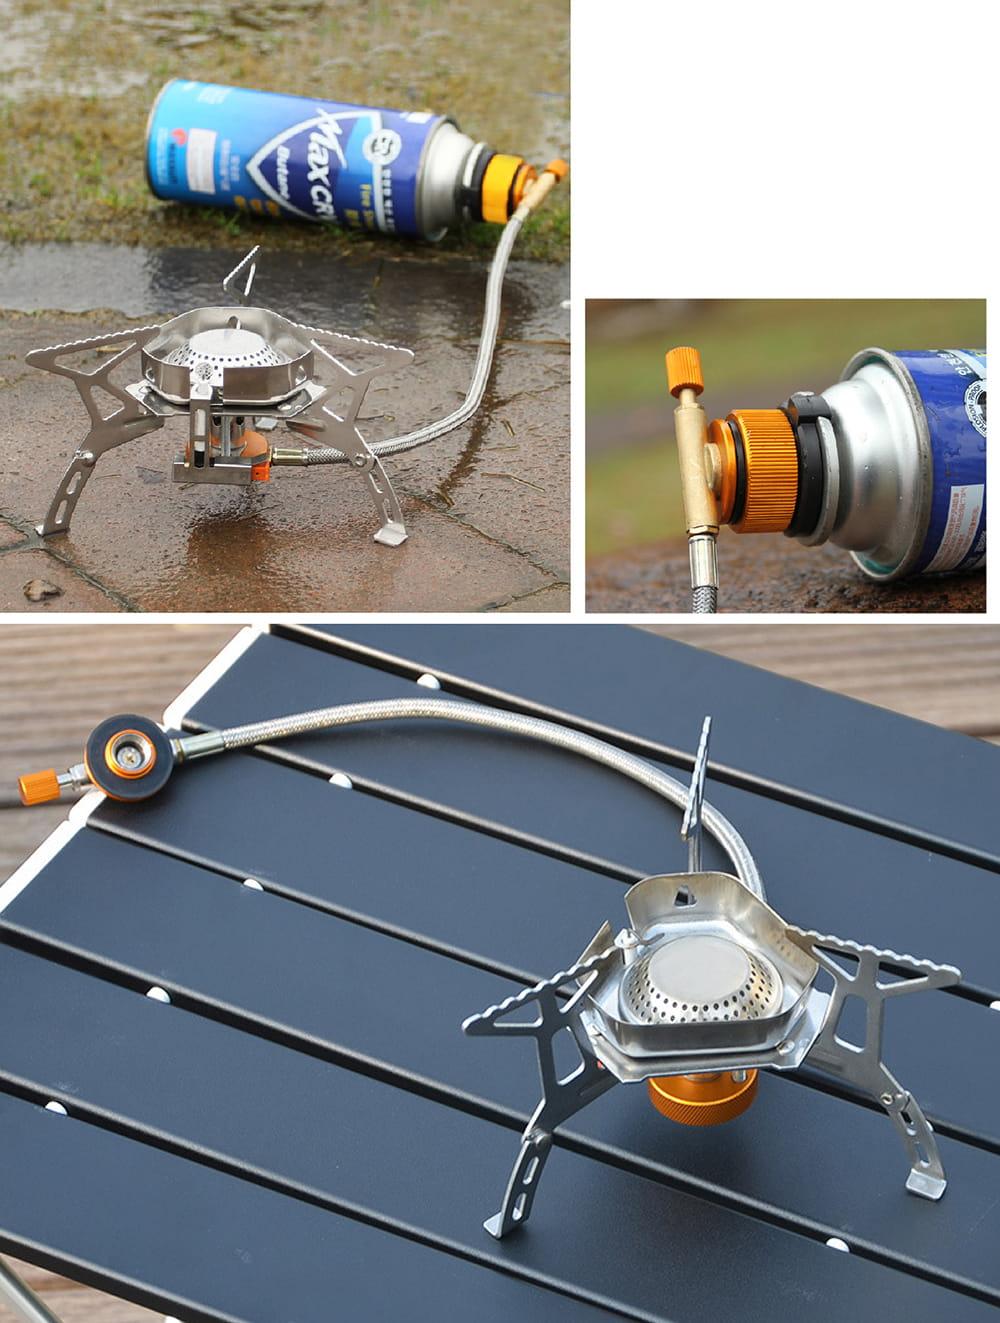 【抗強風款 登山 野炊爐】送轉接器 烤肉架 露營 野餐 瓦斯爐 卡式瓦斯爐 高山爐 8